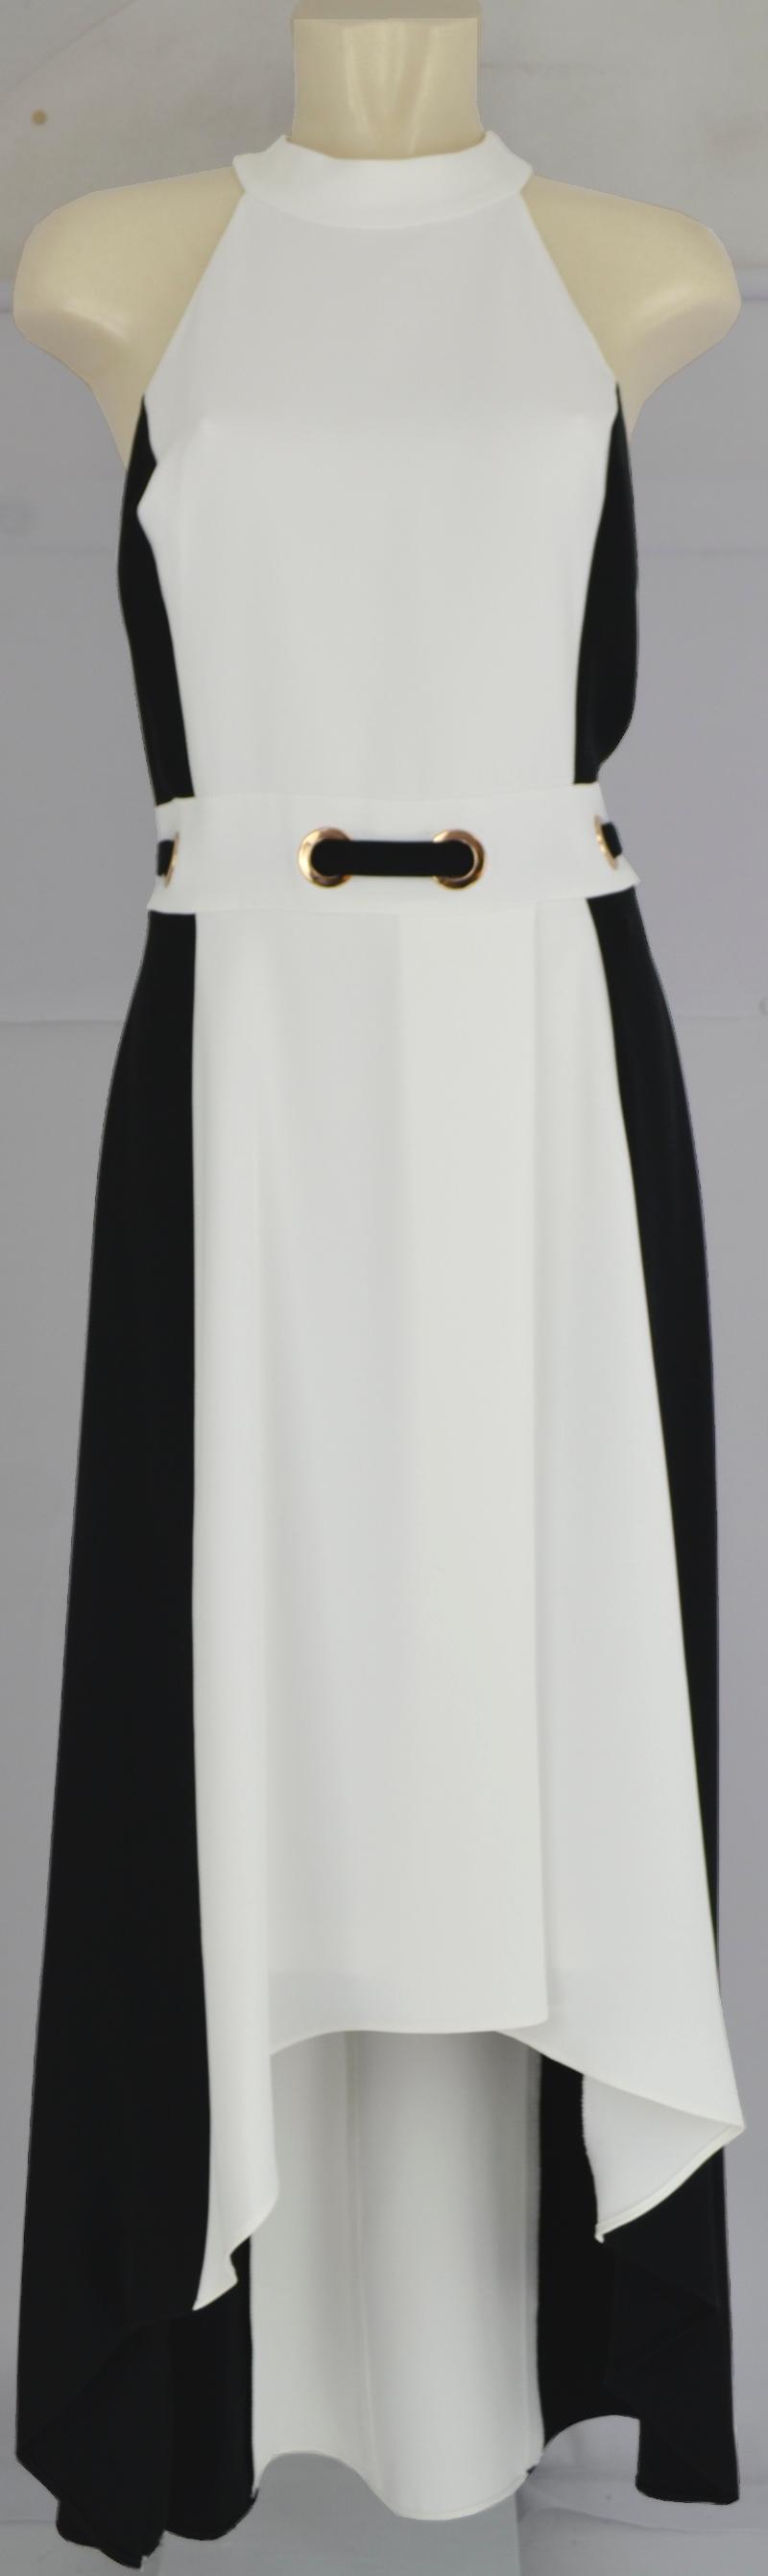 langes vokuhila abendkleid in schwarz-weiß